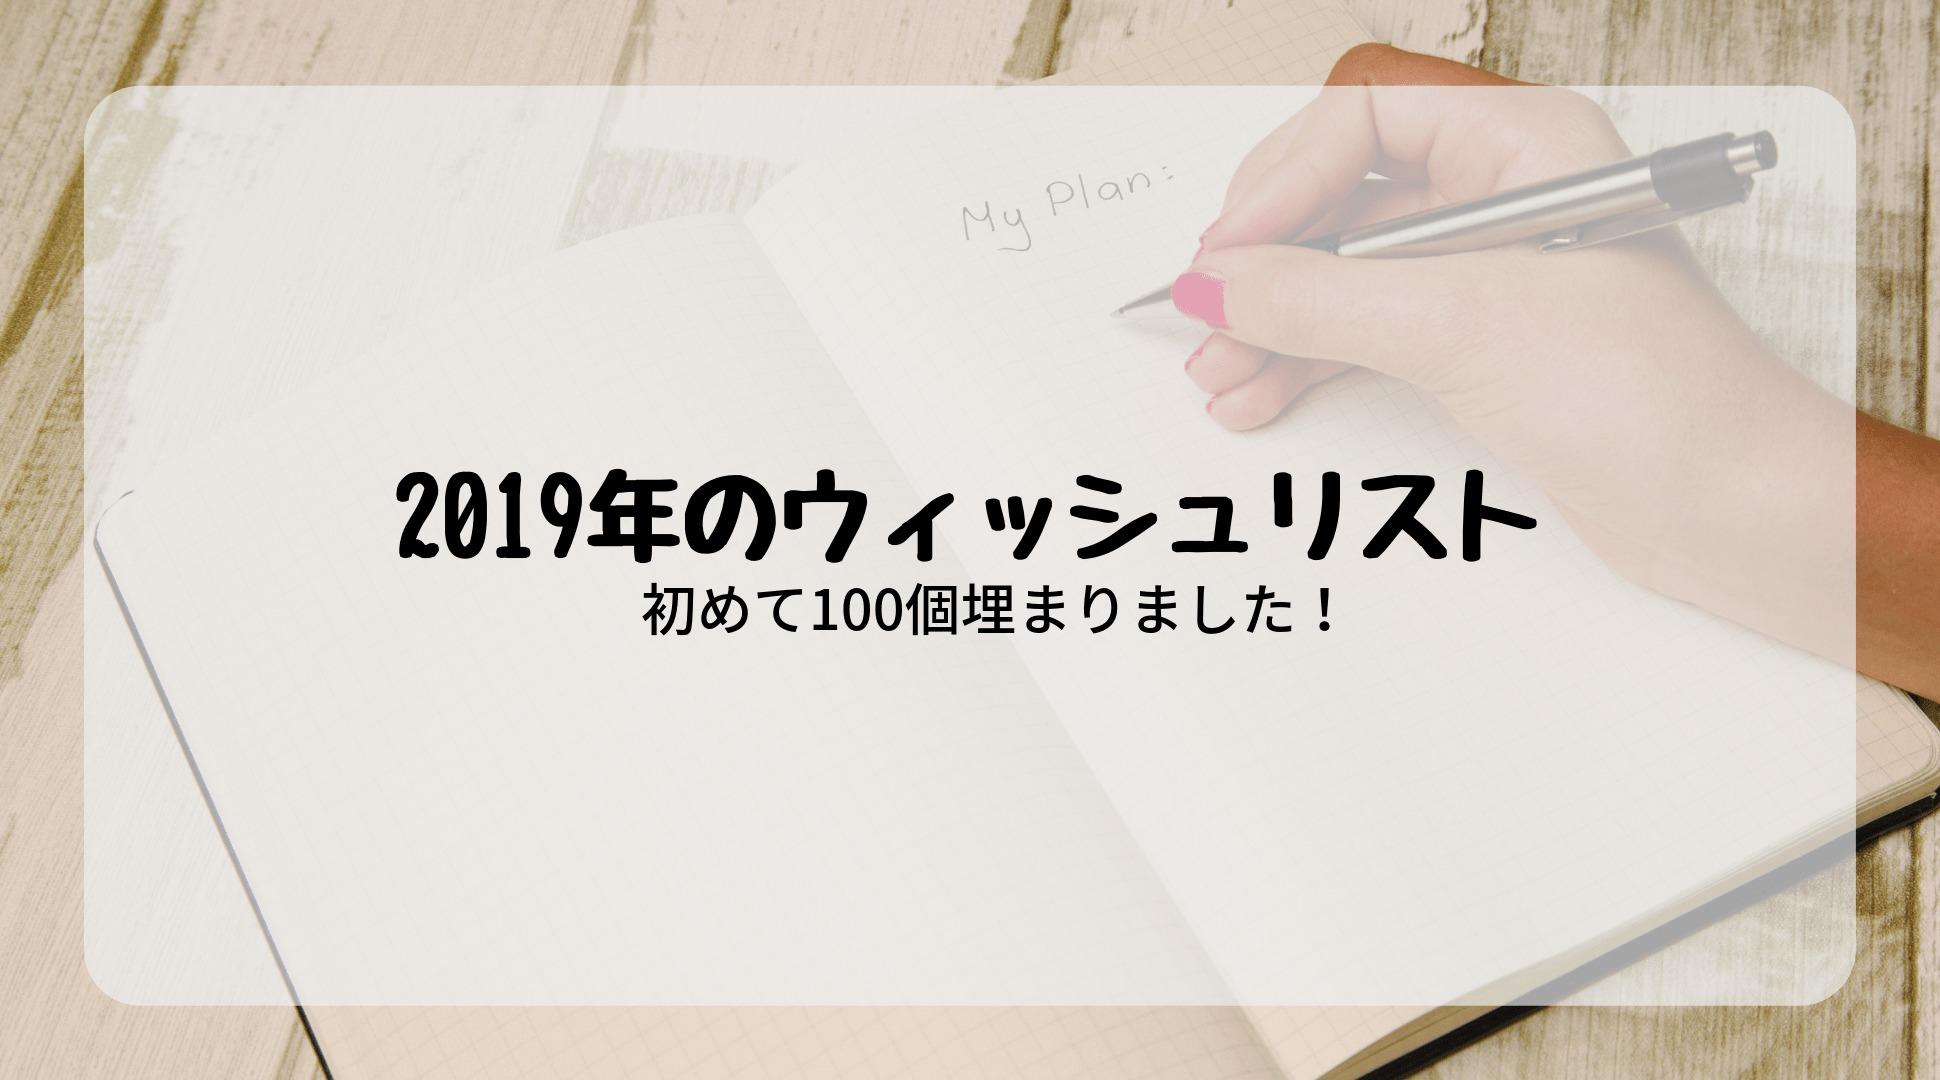 2019年のウィッシュリスト